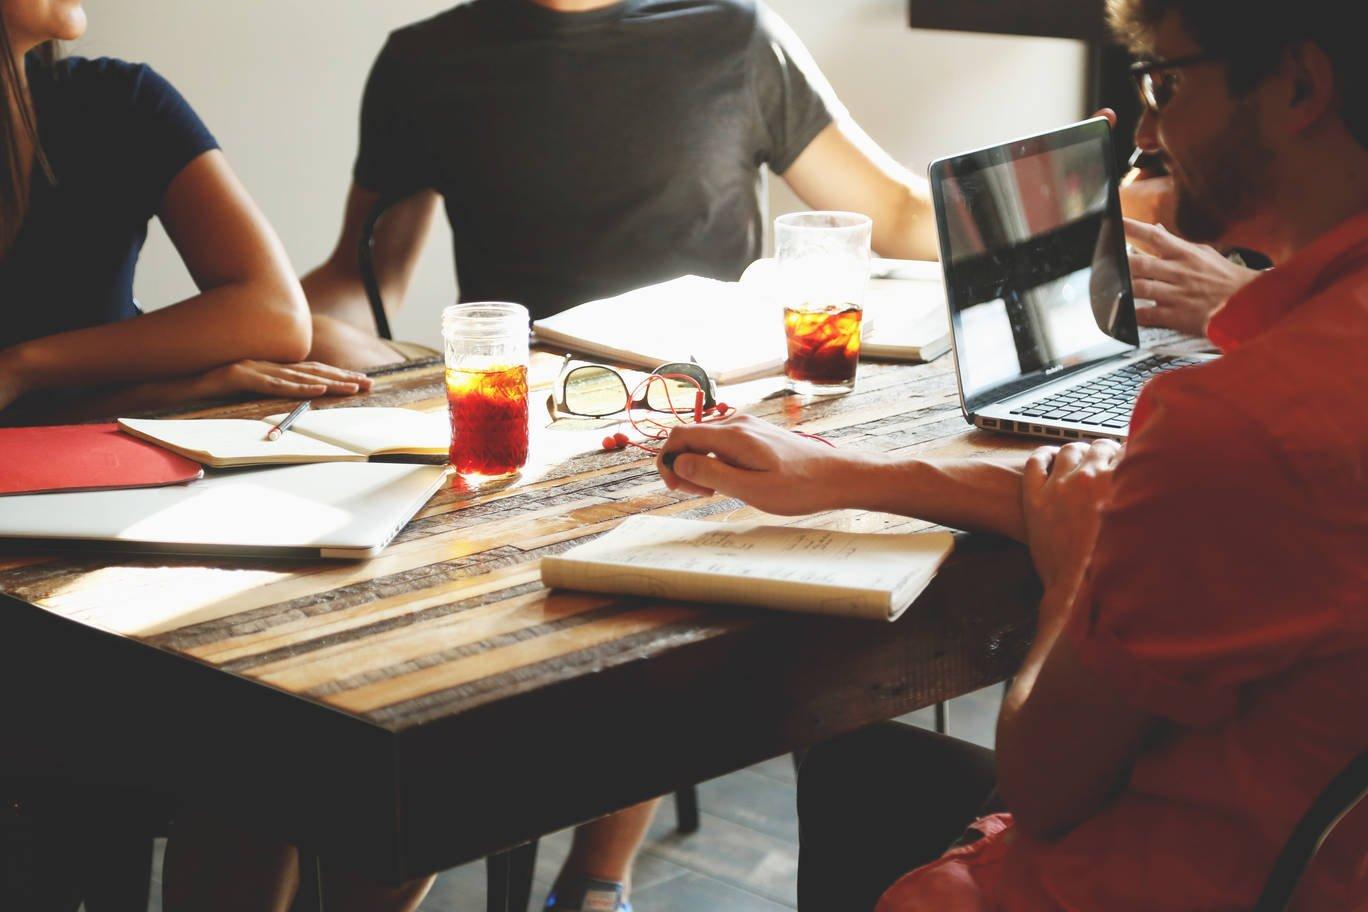 Interkulturelles Training hilft bei der interkulturellen Projektarbeit im Team